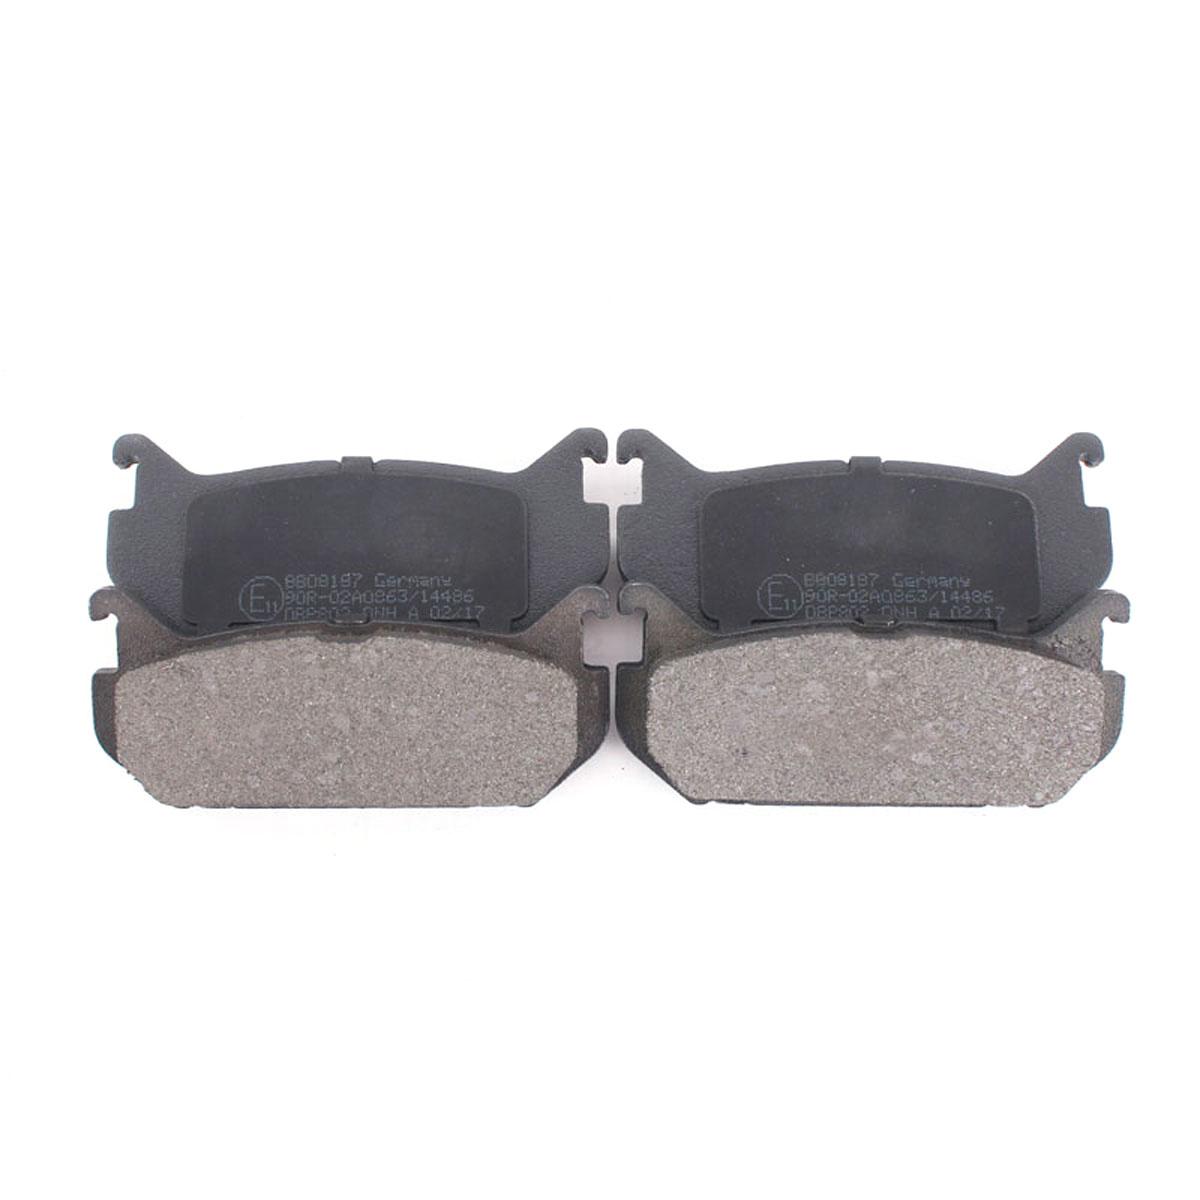 Bremsbelagsatz Scheibenbremse Hinterachse für Mazda 626 MX-6 Xedos BB08187